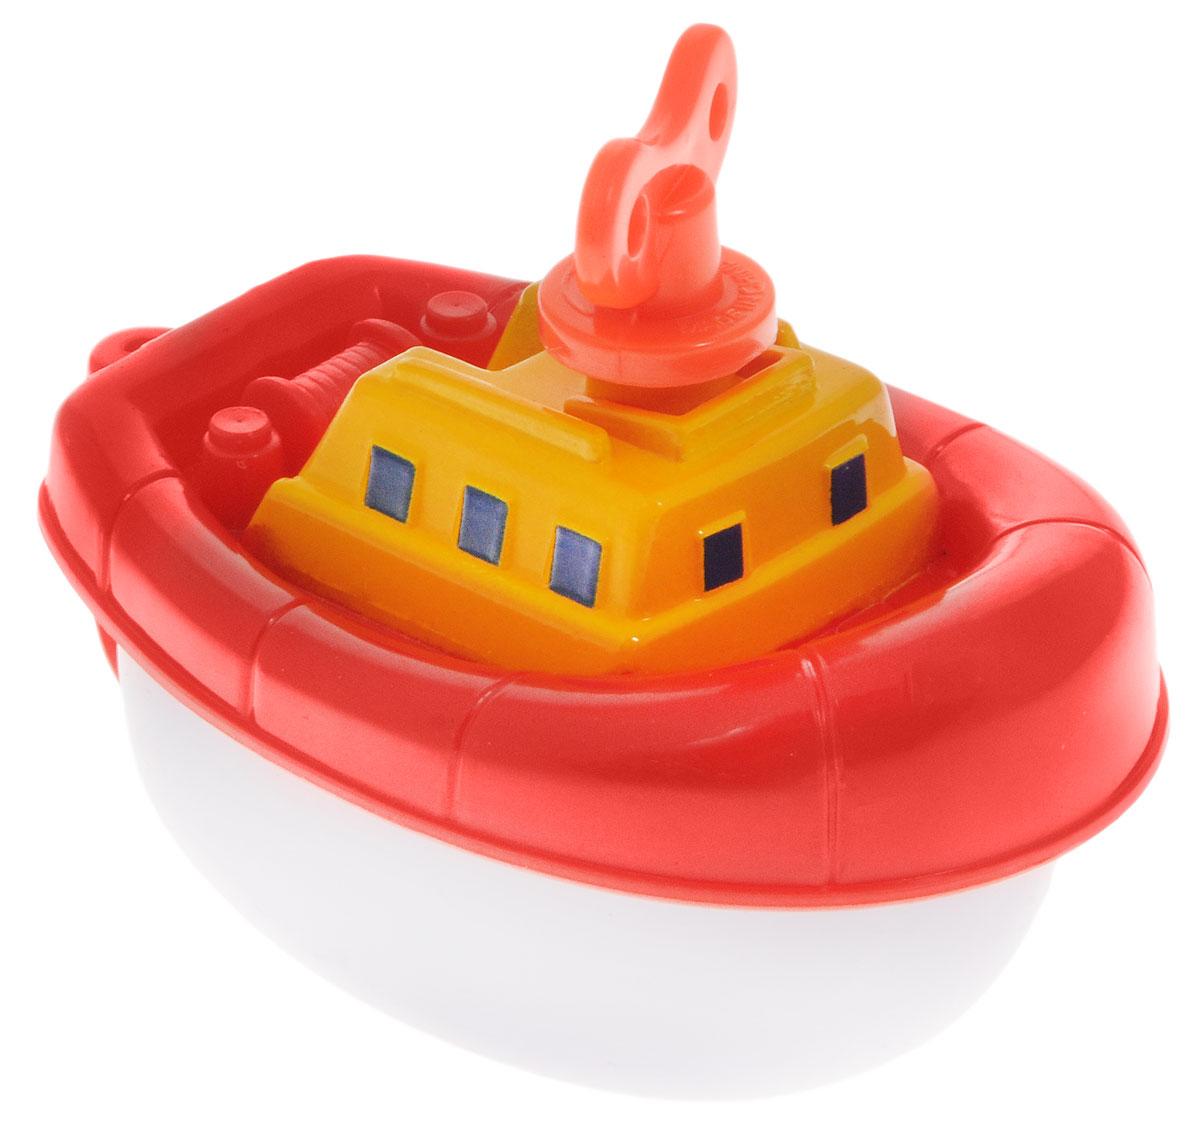 Navystar Игрушка для ванной Пароходик цвет красный63901-1-RЗаводная игрушка Пароходик порадует вашего малыша во время купания и сделает этот порой нелегкий процесс приятным и веселым. Пароходик выполнен из яркого безопасного пластика. Механическая игрушка быстро плавает по поверхности воды. Даже ребенку легко завести кораблик с помощью специального ключика, расположенного на крыше игрушки. Данная игрушка не только развеселит вашего малыша, но и поможет развить мелкую моторику.